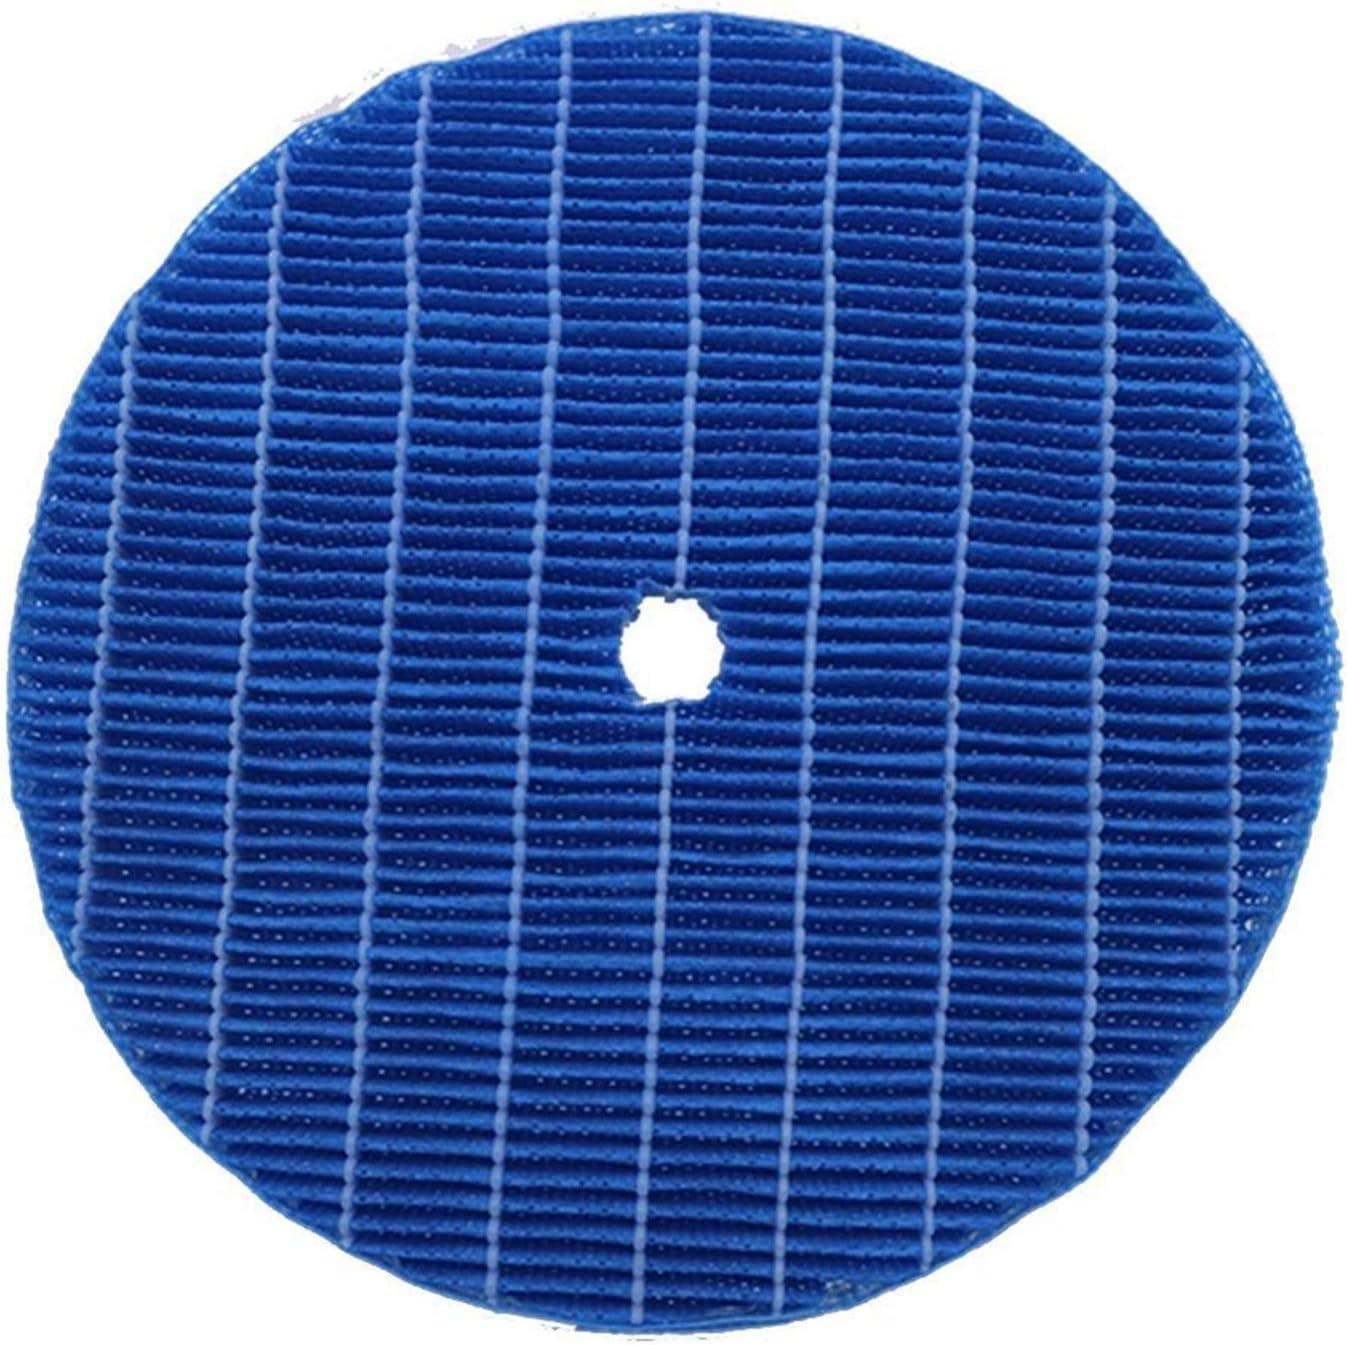 XIAOFANG Fangxia Store Filtrar Fit purificador de Aire Piezas BNME998A4C humidificador de Aire for Daikin MCK57LMV2 Series MCK57LMV2-W MCK57LMV2-R MCK57LMV2-A MCK57LMV2-N